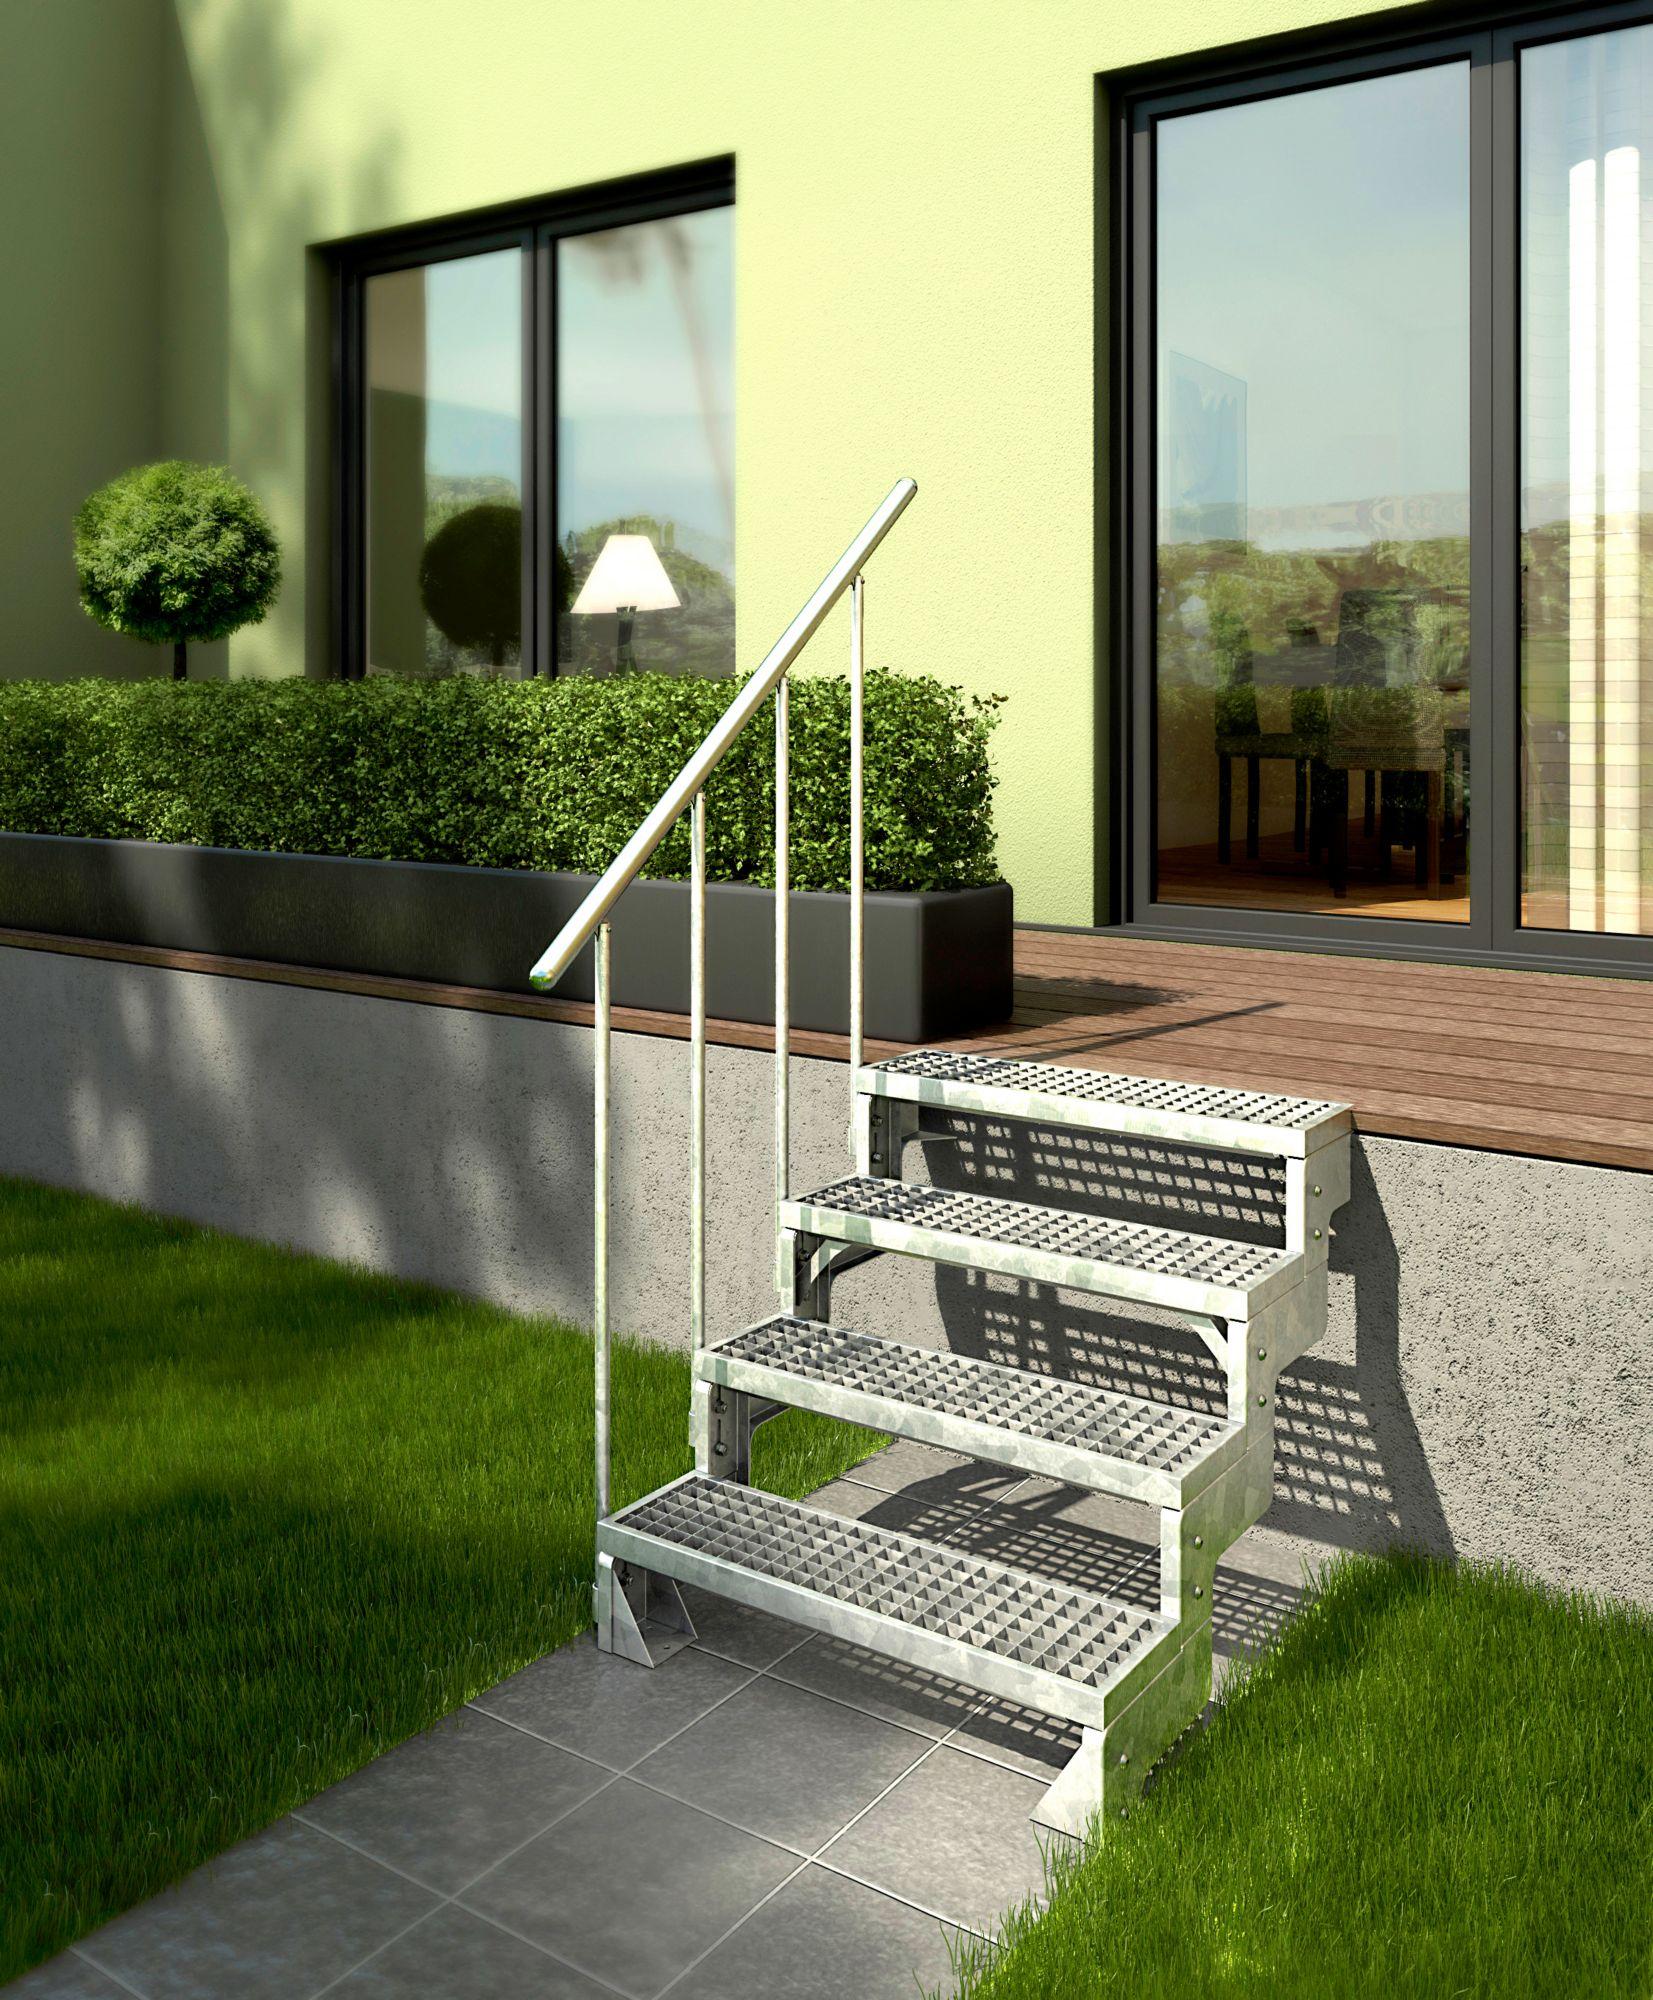 DOLLE Dolle Gitterroststufe »Gardentop, 80 cm Breite«